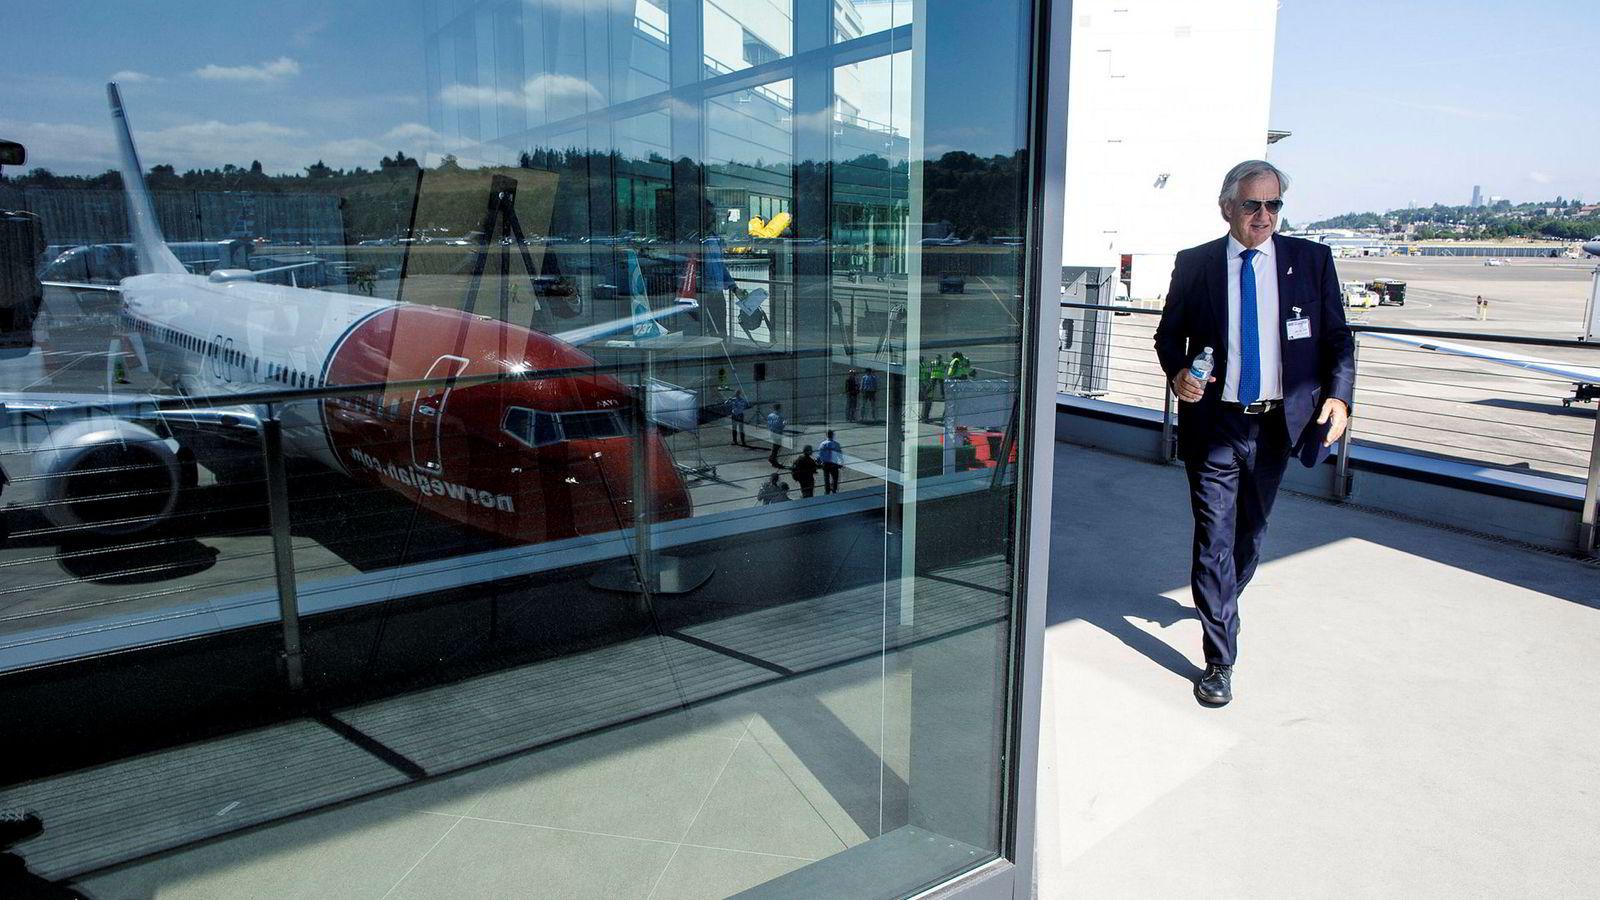 I 2017 var Norwegian-sjef Bjørn Kjos (bildet) på Boeings flyfabrikk i Seattle nordvest i USA for å hente hjem sitt første Boeing 737 Max-fly. I dag har Norwegian 18 fly av denne typen, og tirsdag ble alle parkert midlertidig.